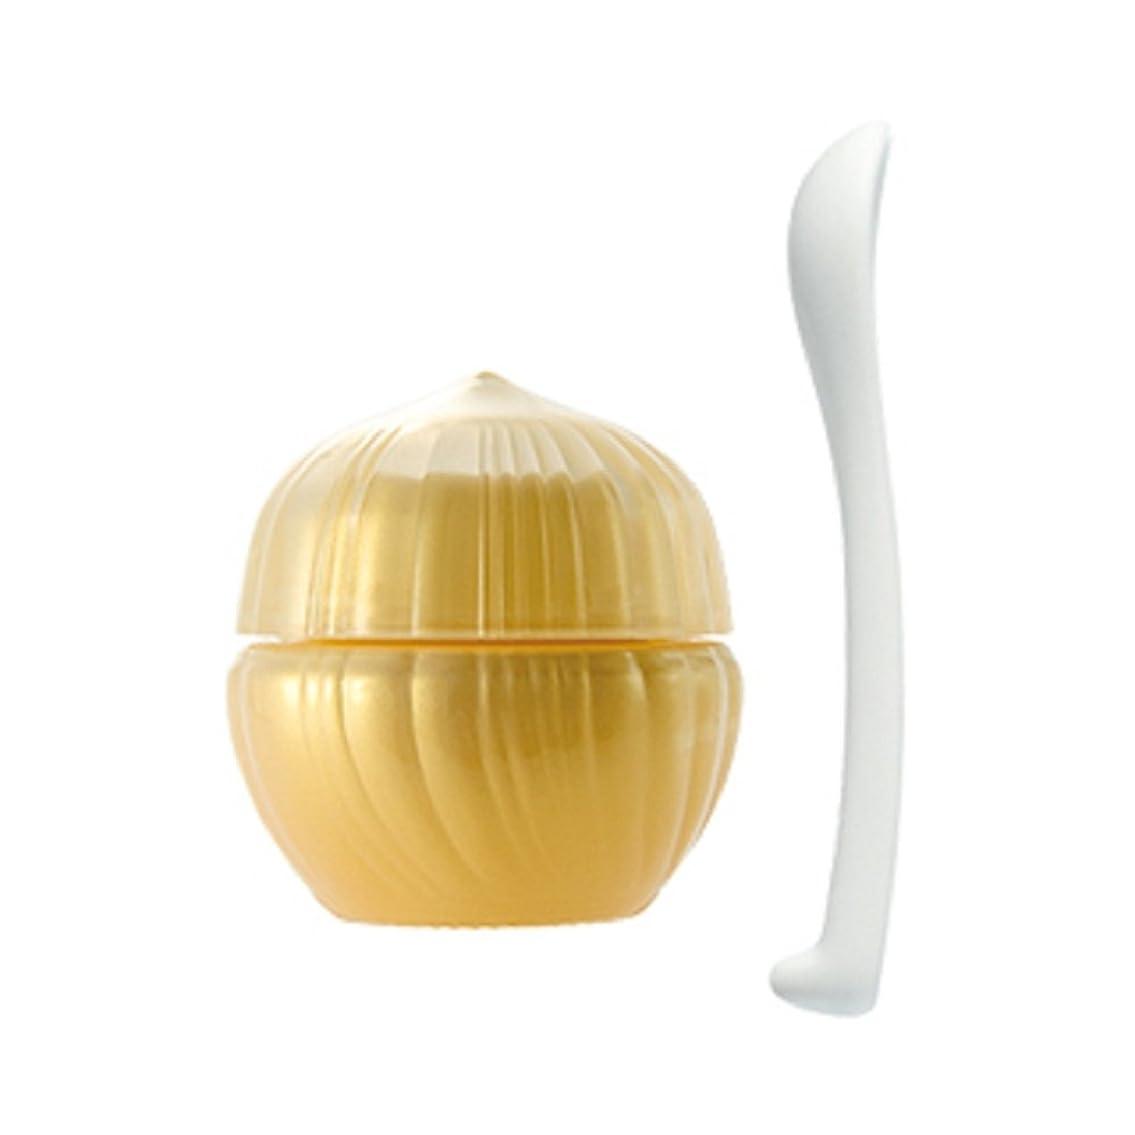 してはいけない寝室を掃除する頬骨<薬用美白クリーム>アユーラ センシエンス バイタラクティブスキンポット(医薬部外品)